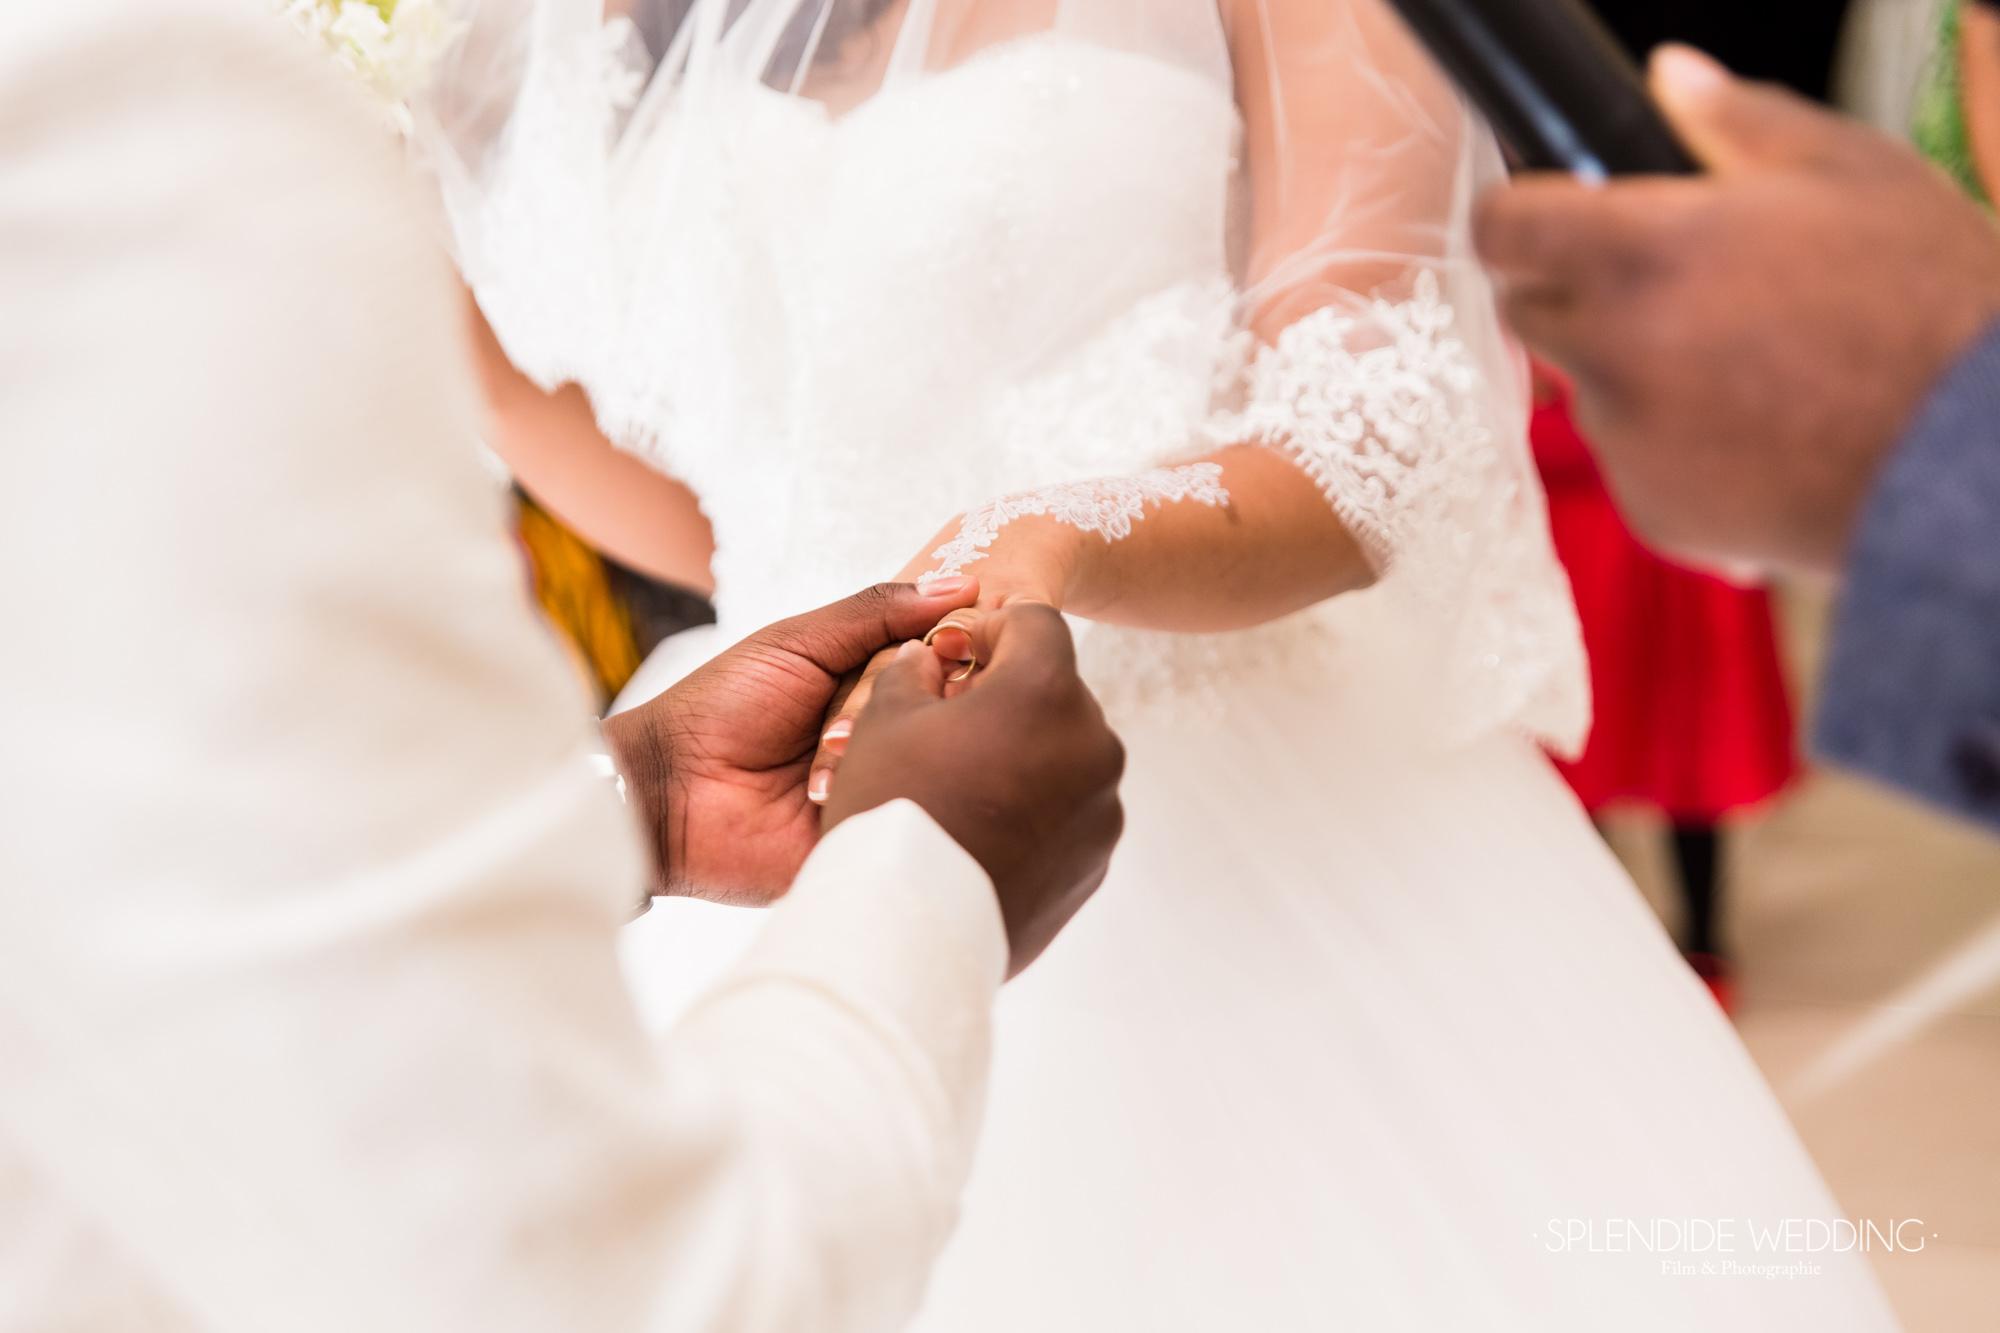 Photographe mariage Paris 19ème Chantal & Darius veux tu m'épouser